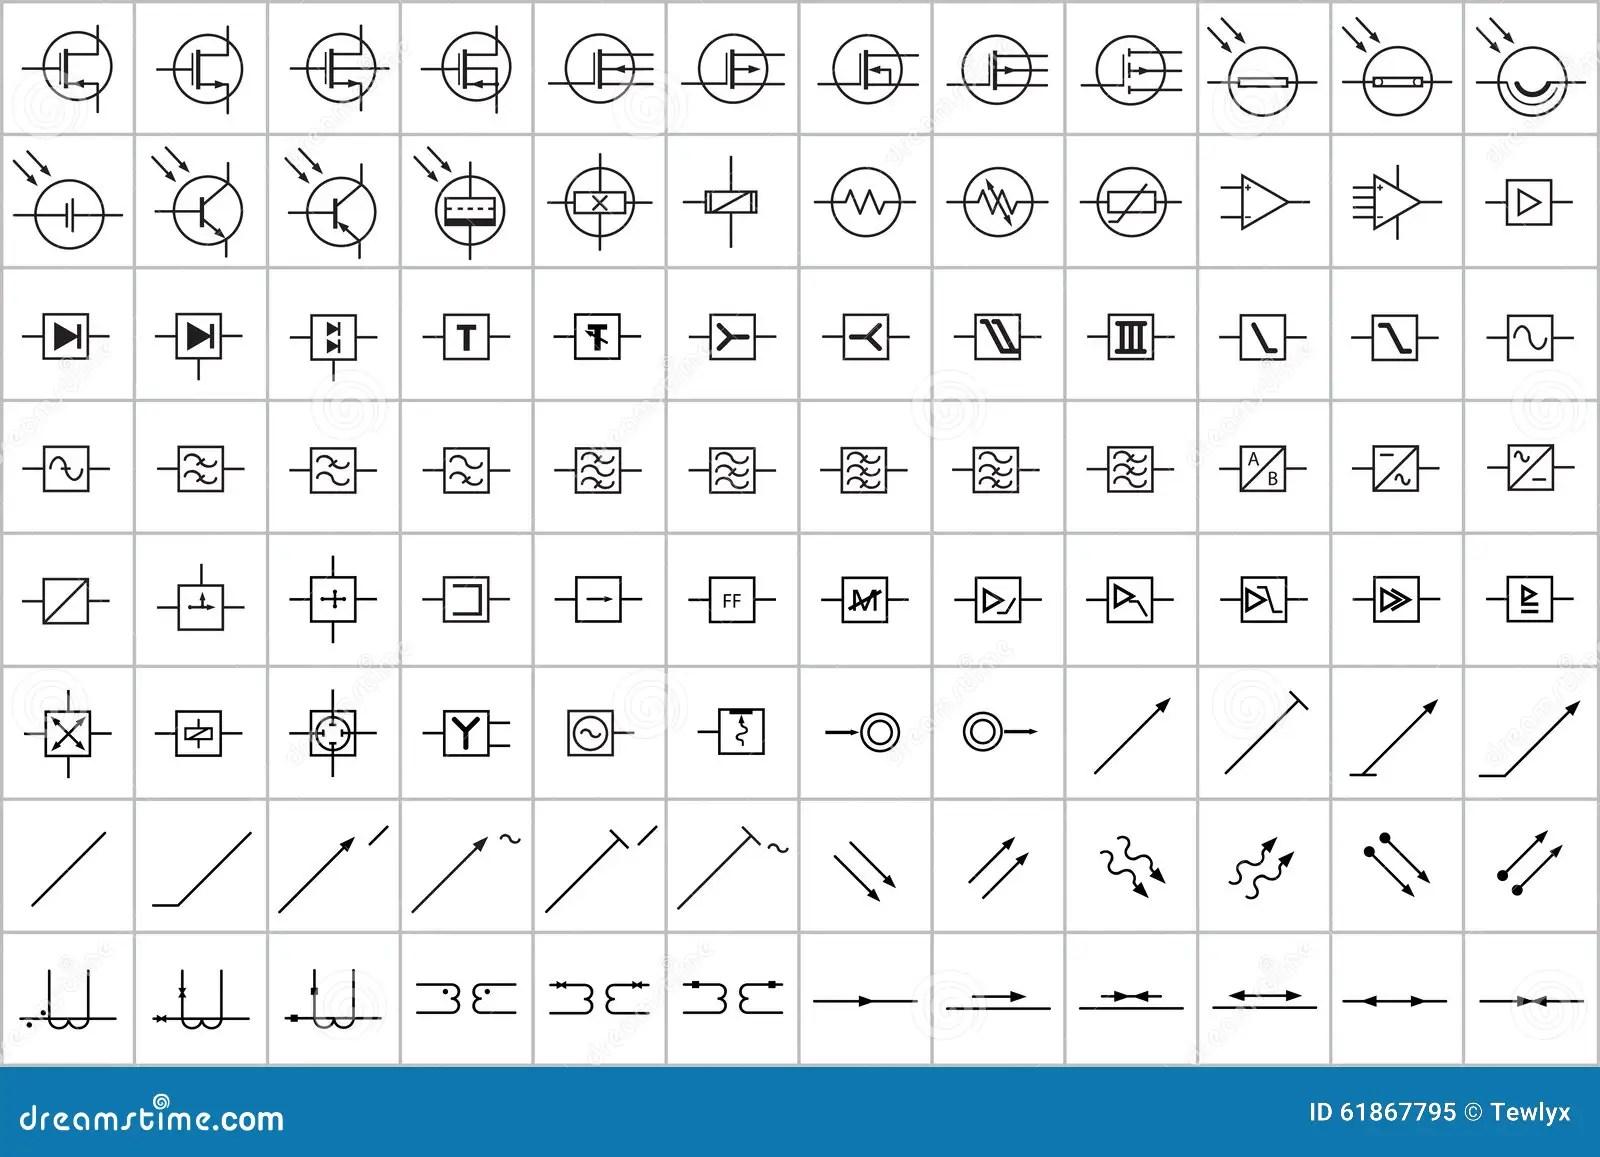 Groß Nema Elektrische Symbole Bilder - Der Schaltplan - triangre.info